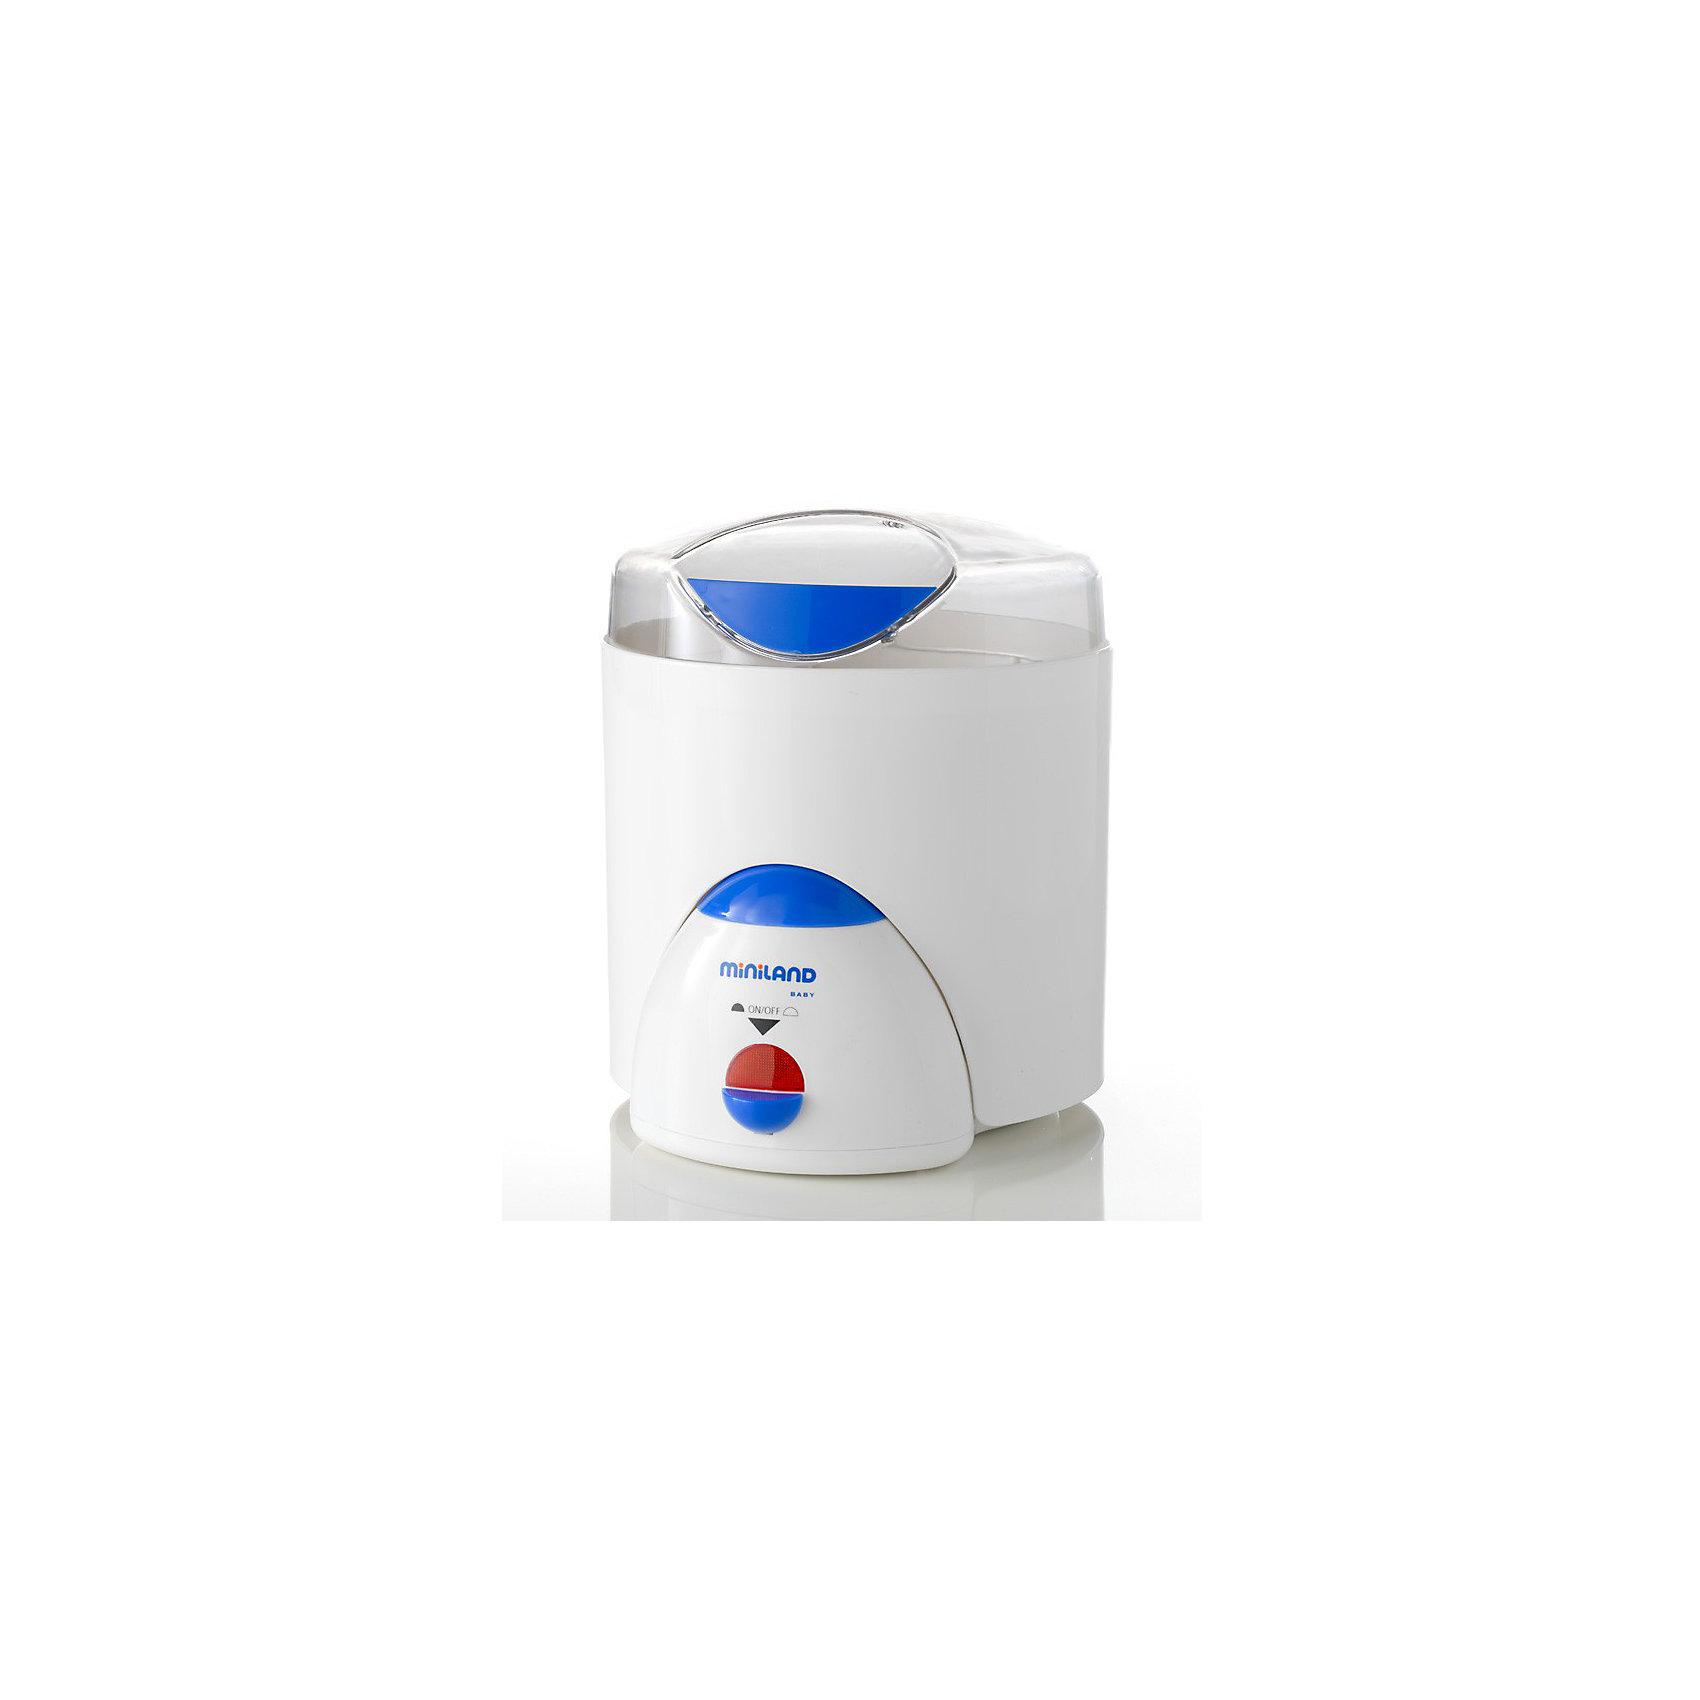 Нагреватель/стерилизатор Super 3 Deco, MinilandОсновные характеристики:<br><br>- Функция подогрева бутылочек<br>- Можно стерилизовать от одной до шести бутылочек за один раз с сосками и принадлежностями<br>- Функция пароварки, удобная подставка для варки яиц<br>- Нагревательная поверхность изготовлена из нержавеющей стали<br>- Легок и прост в использовании и уходе<br>- Удобен при транспортировке и хранении<br>- Используются только экологически чистые материалы<br><br>Габариты ( В х Ш х Г ), см: 22,5x28x23 см  <br>Вес изделия, кг: 1,81 кг<br><br>Ширина мм: 282<br>Глубина мм: 230<br>Высота мм: 234<br>Вес г: 1745<br>Цвет: mehrfarbig<br>Возраст от месяцев: 0<br>Возраст до месяцев: 36<br>Пол: Унисекс<br>Возраст: Детский<br>SKU: 2153901